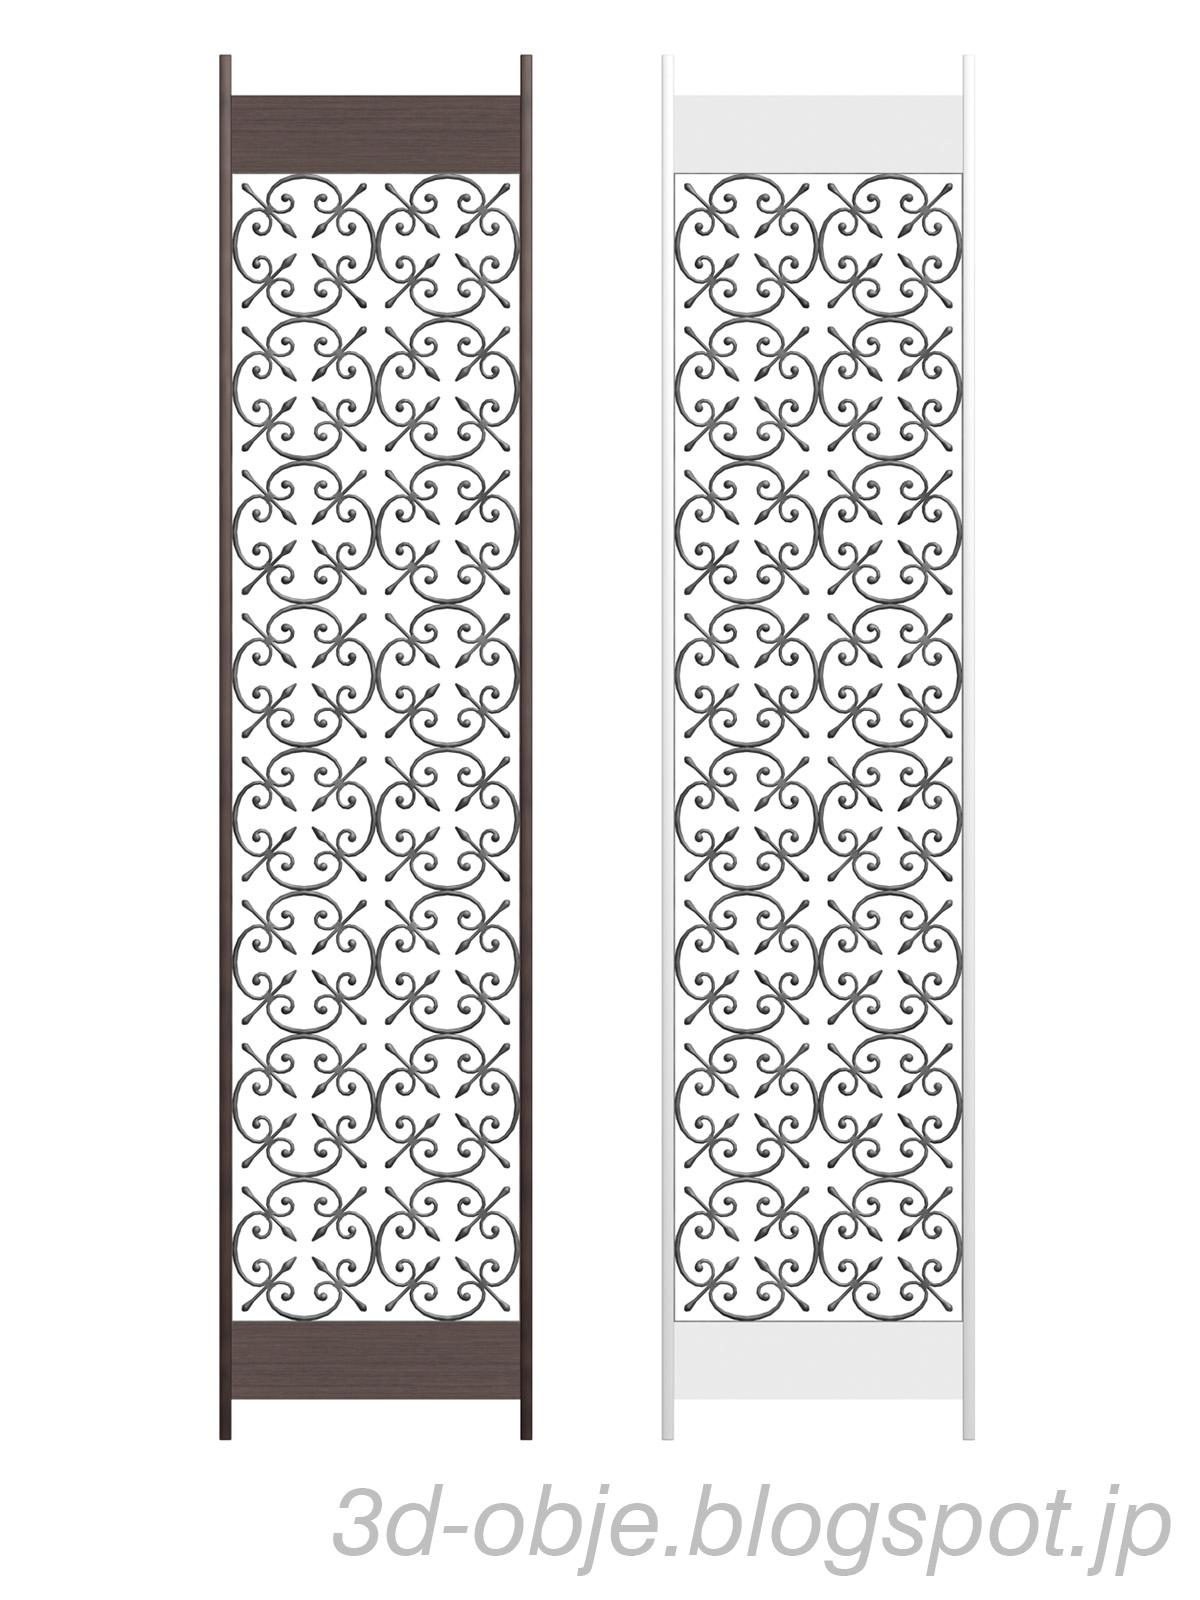 アイアンパネル [SCR_003] - Iron Panel